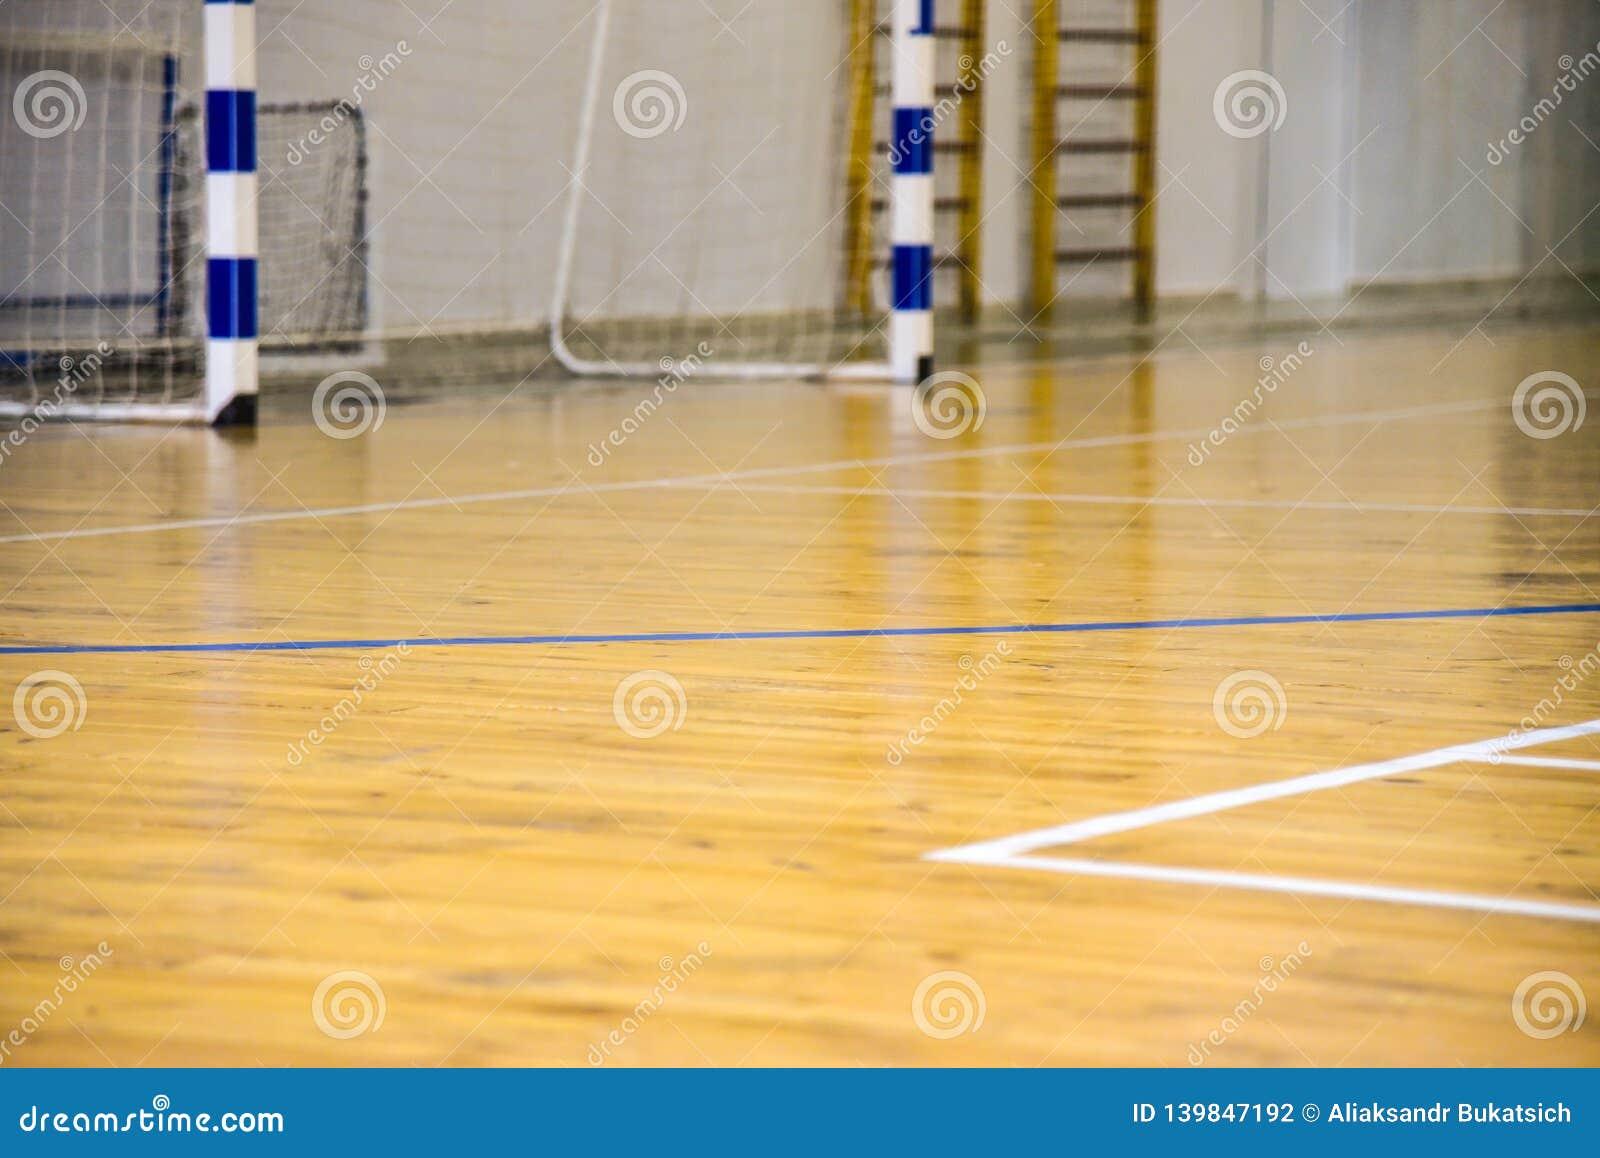 Assoalho de parquet no salão para jogar o mini futebol